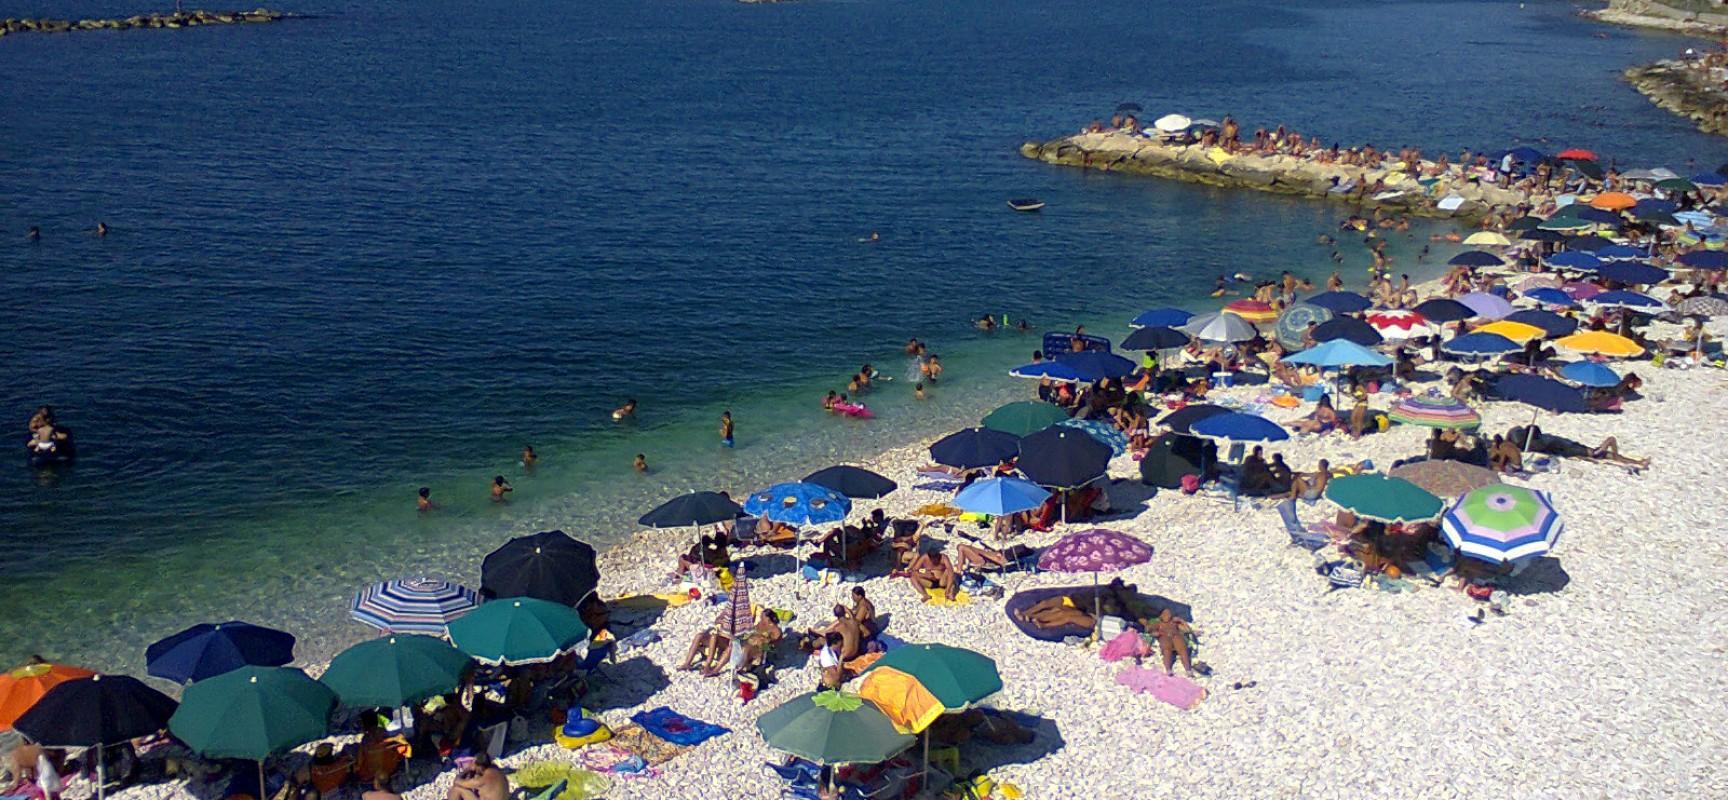 Bando concessione spiagge, ecco il termine ultimo per la presentazione delle offerte